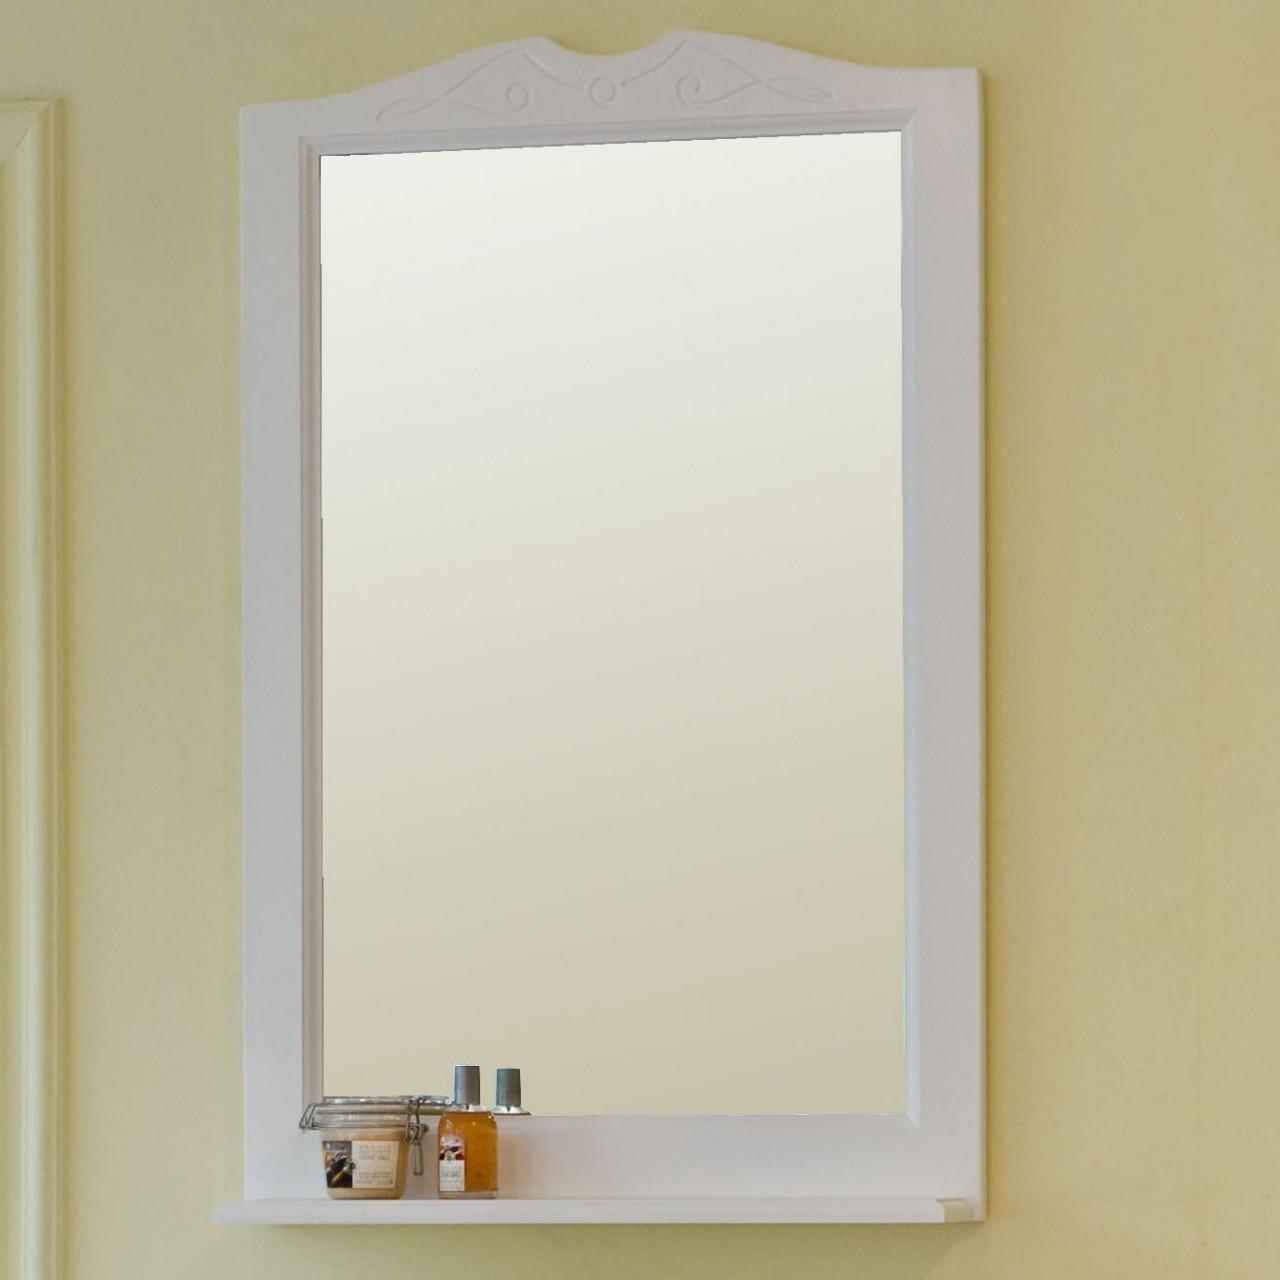 Зеркало Аллигатор Милана 1 55 купить в Москве по цене от 4450р. в интернет-магазине mebel-v-vannu.ru